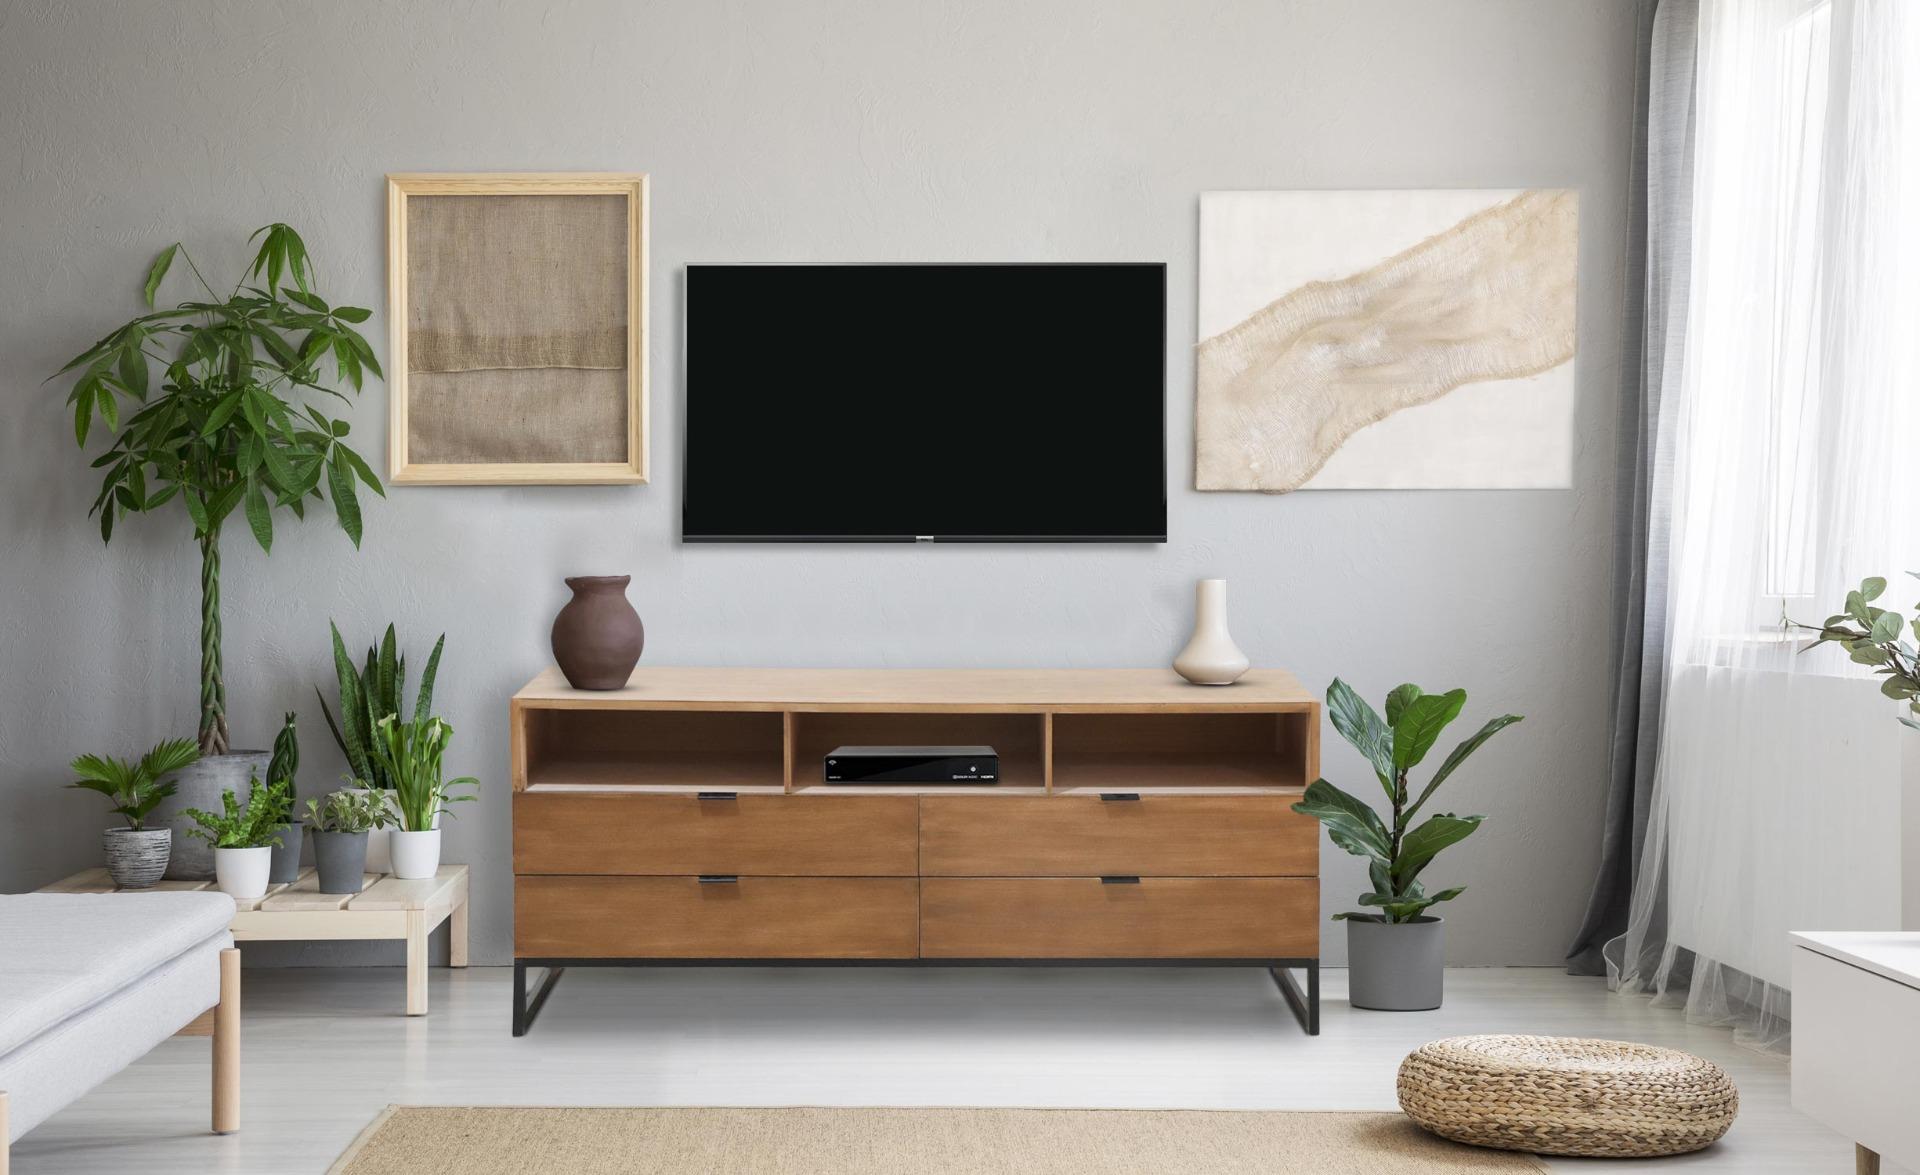 Panara tv-meubel licht eiken